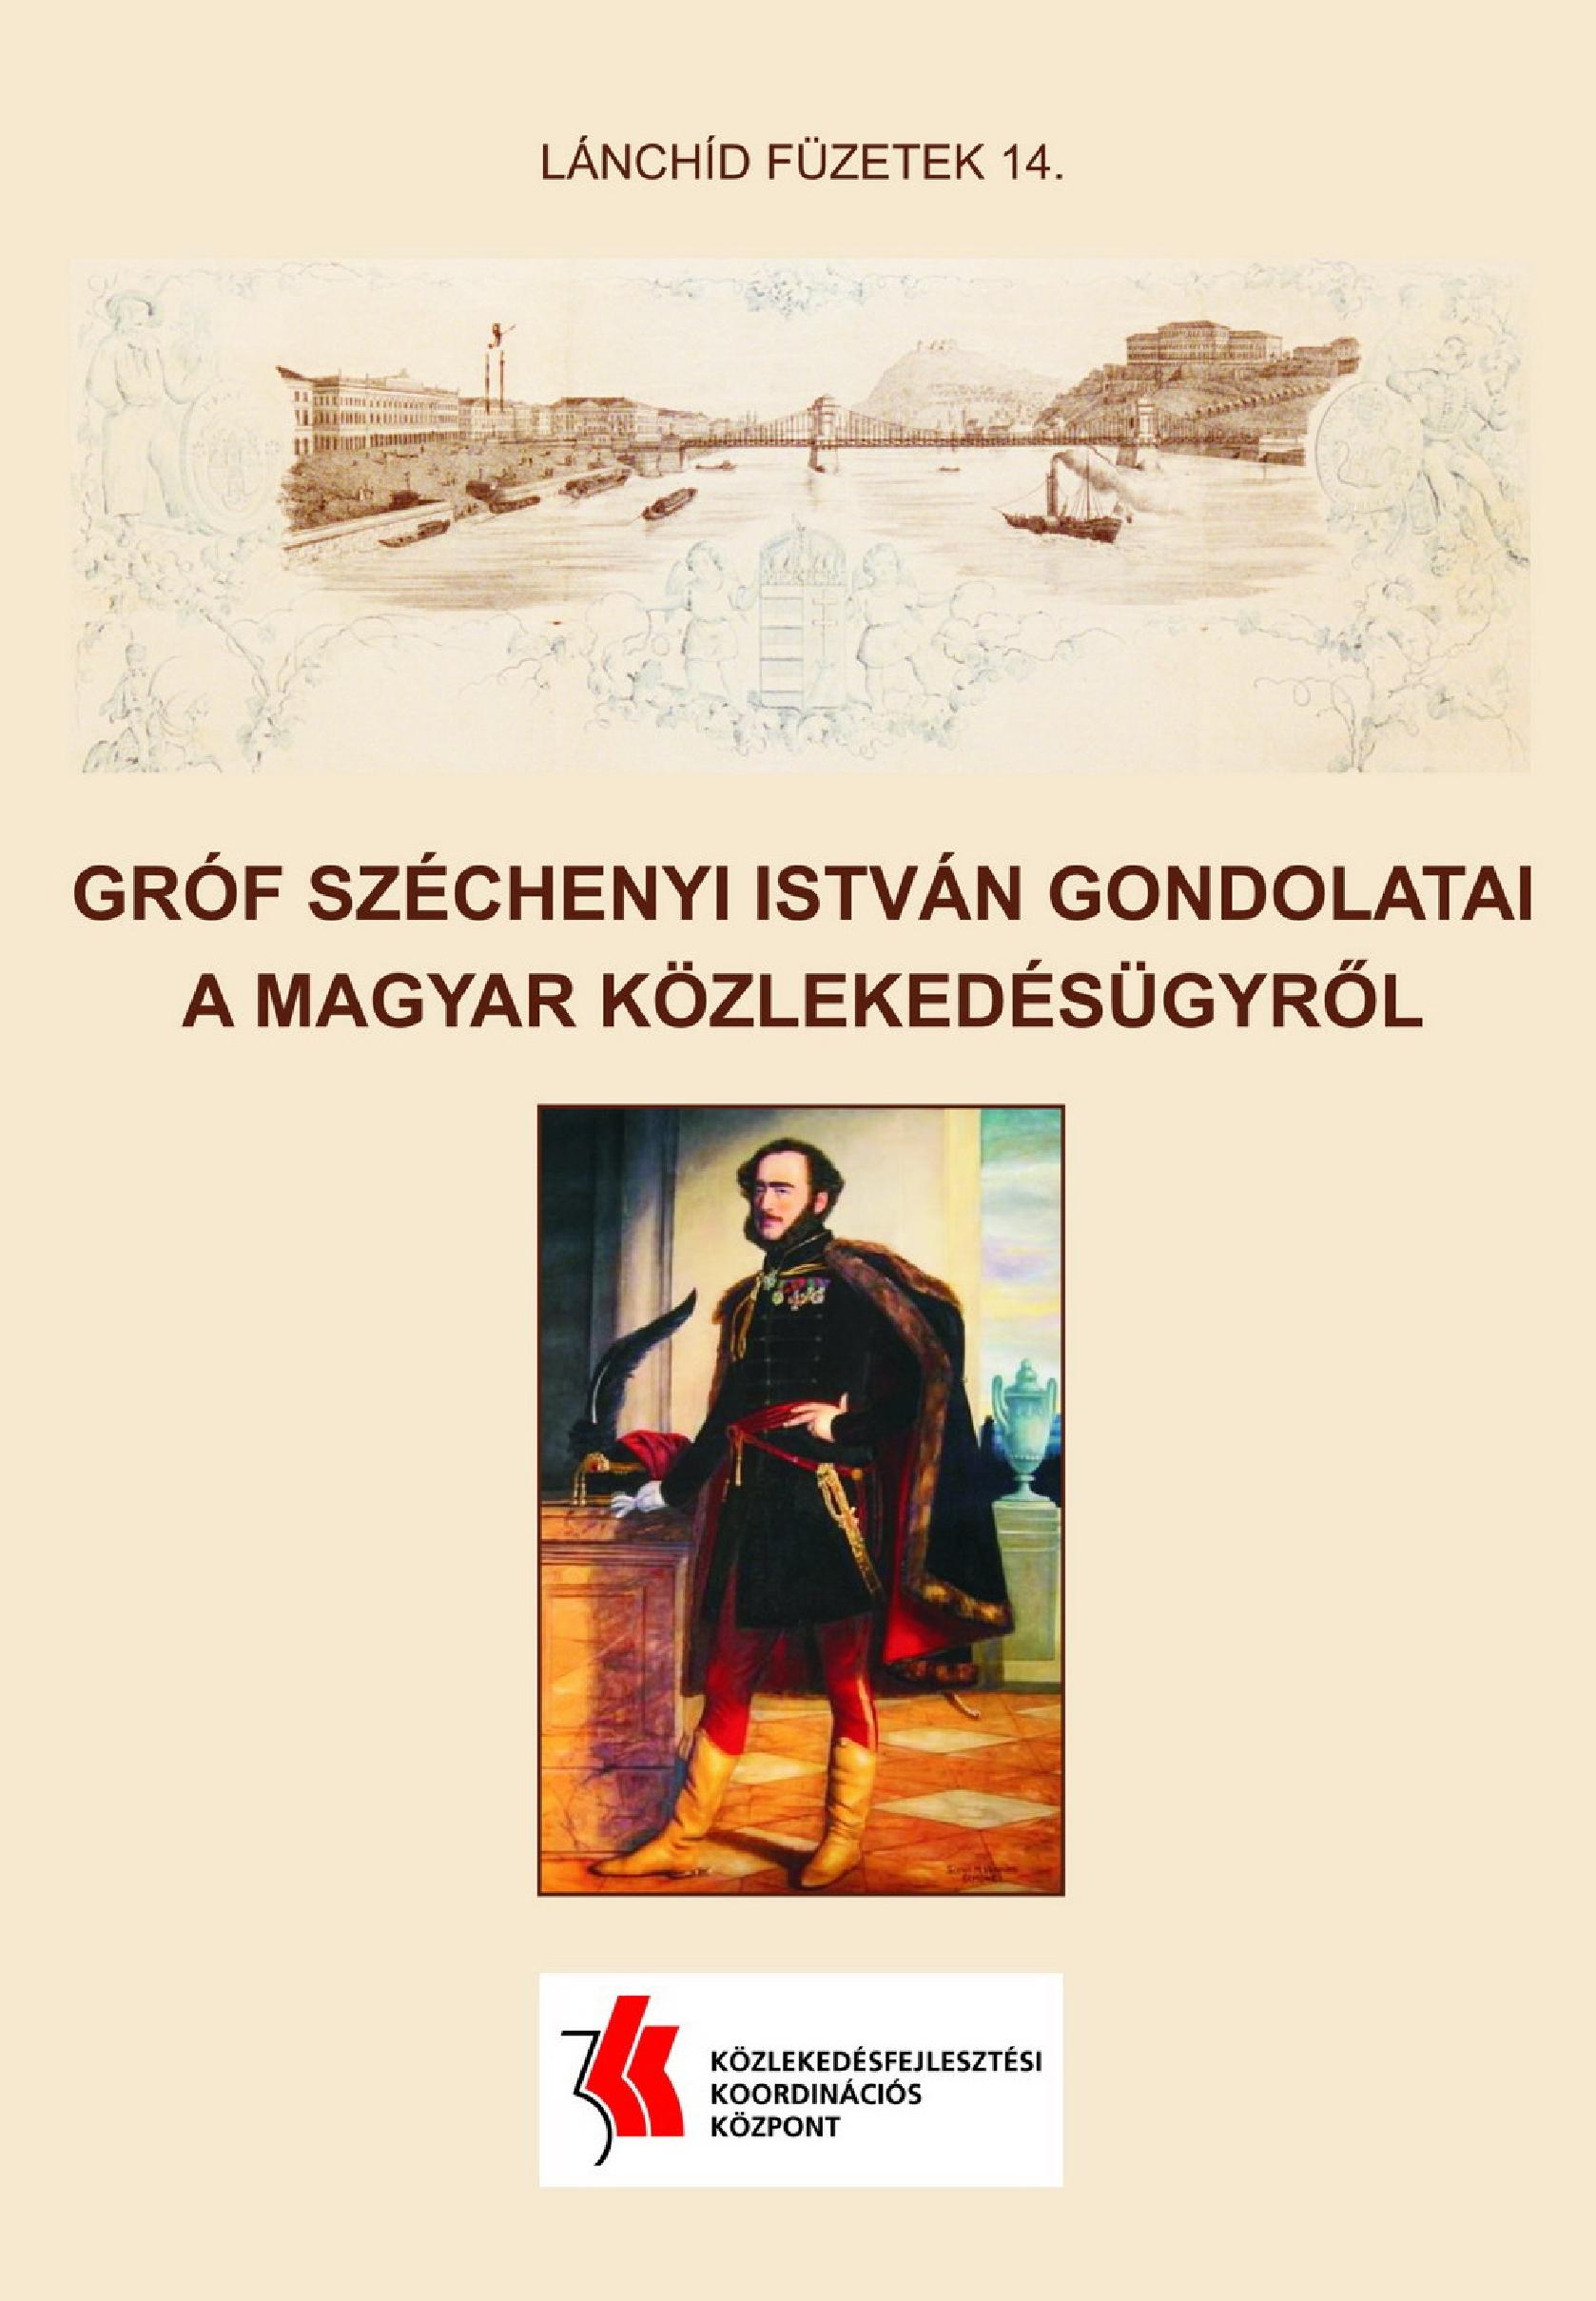 Lánchíd füzetek 14. – Gróf Széchenyi István gondolatai a magyar közlekedésügyről